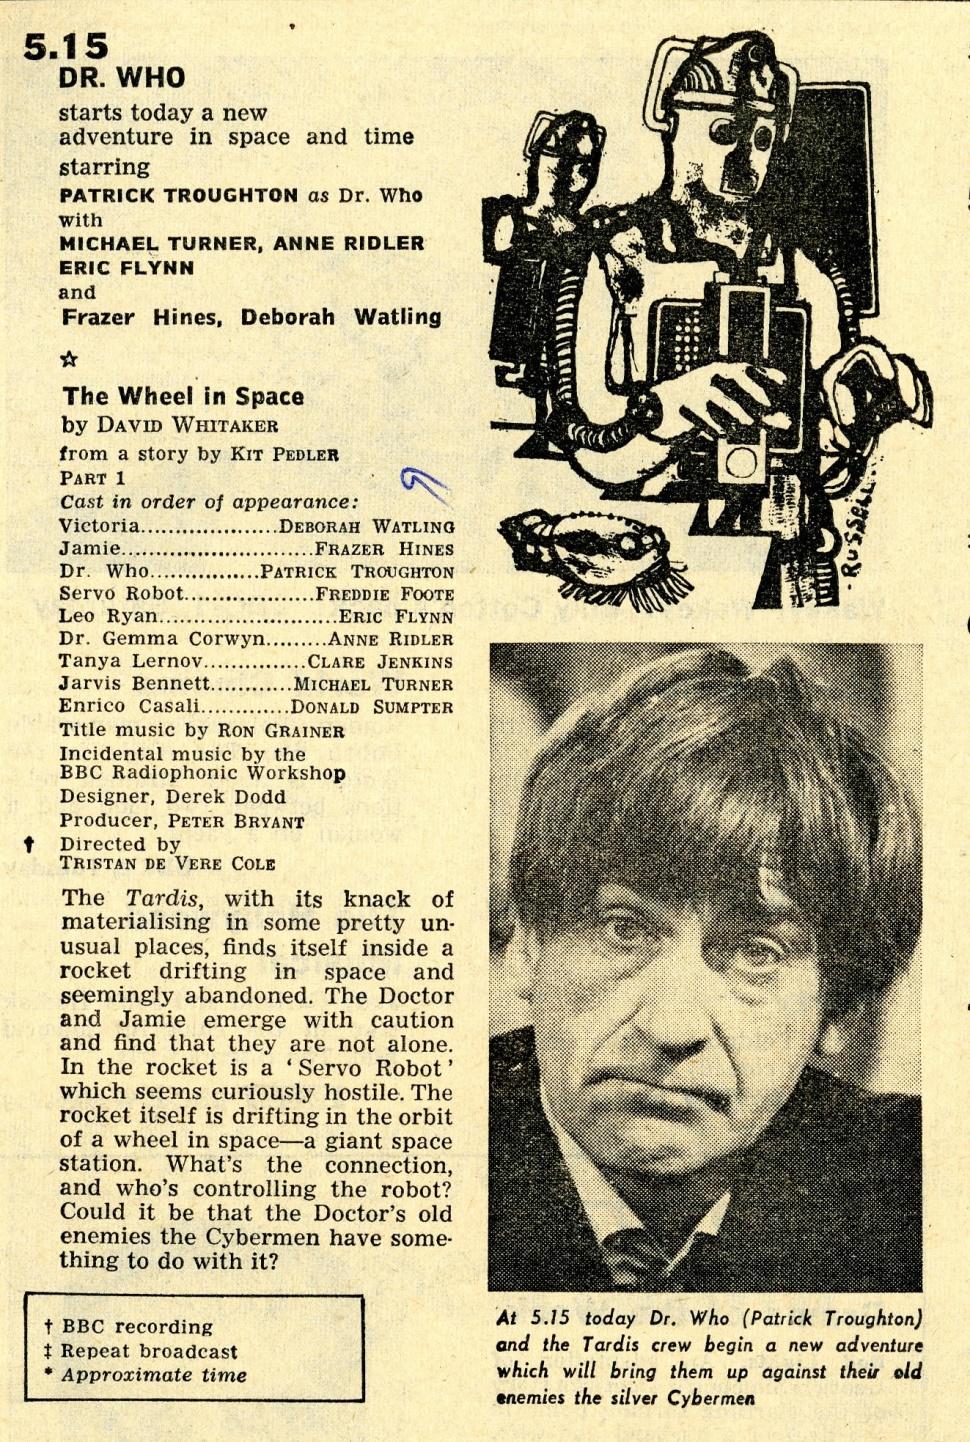 Radio Times, 27 April - 3 May 1968